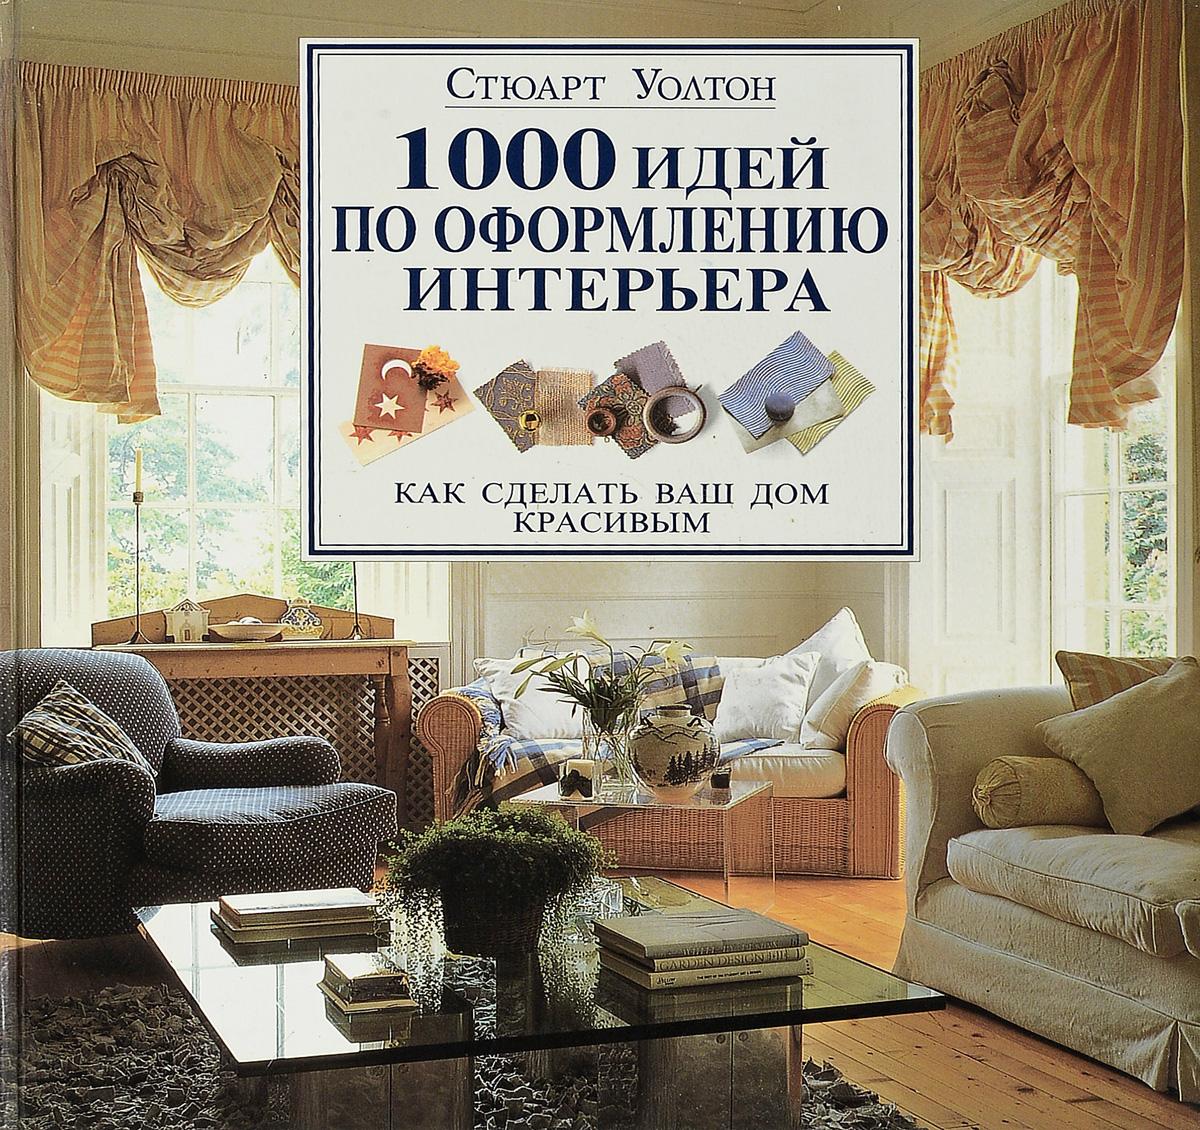 Уолтон С.. 1000 идей по оформлению интерьера